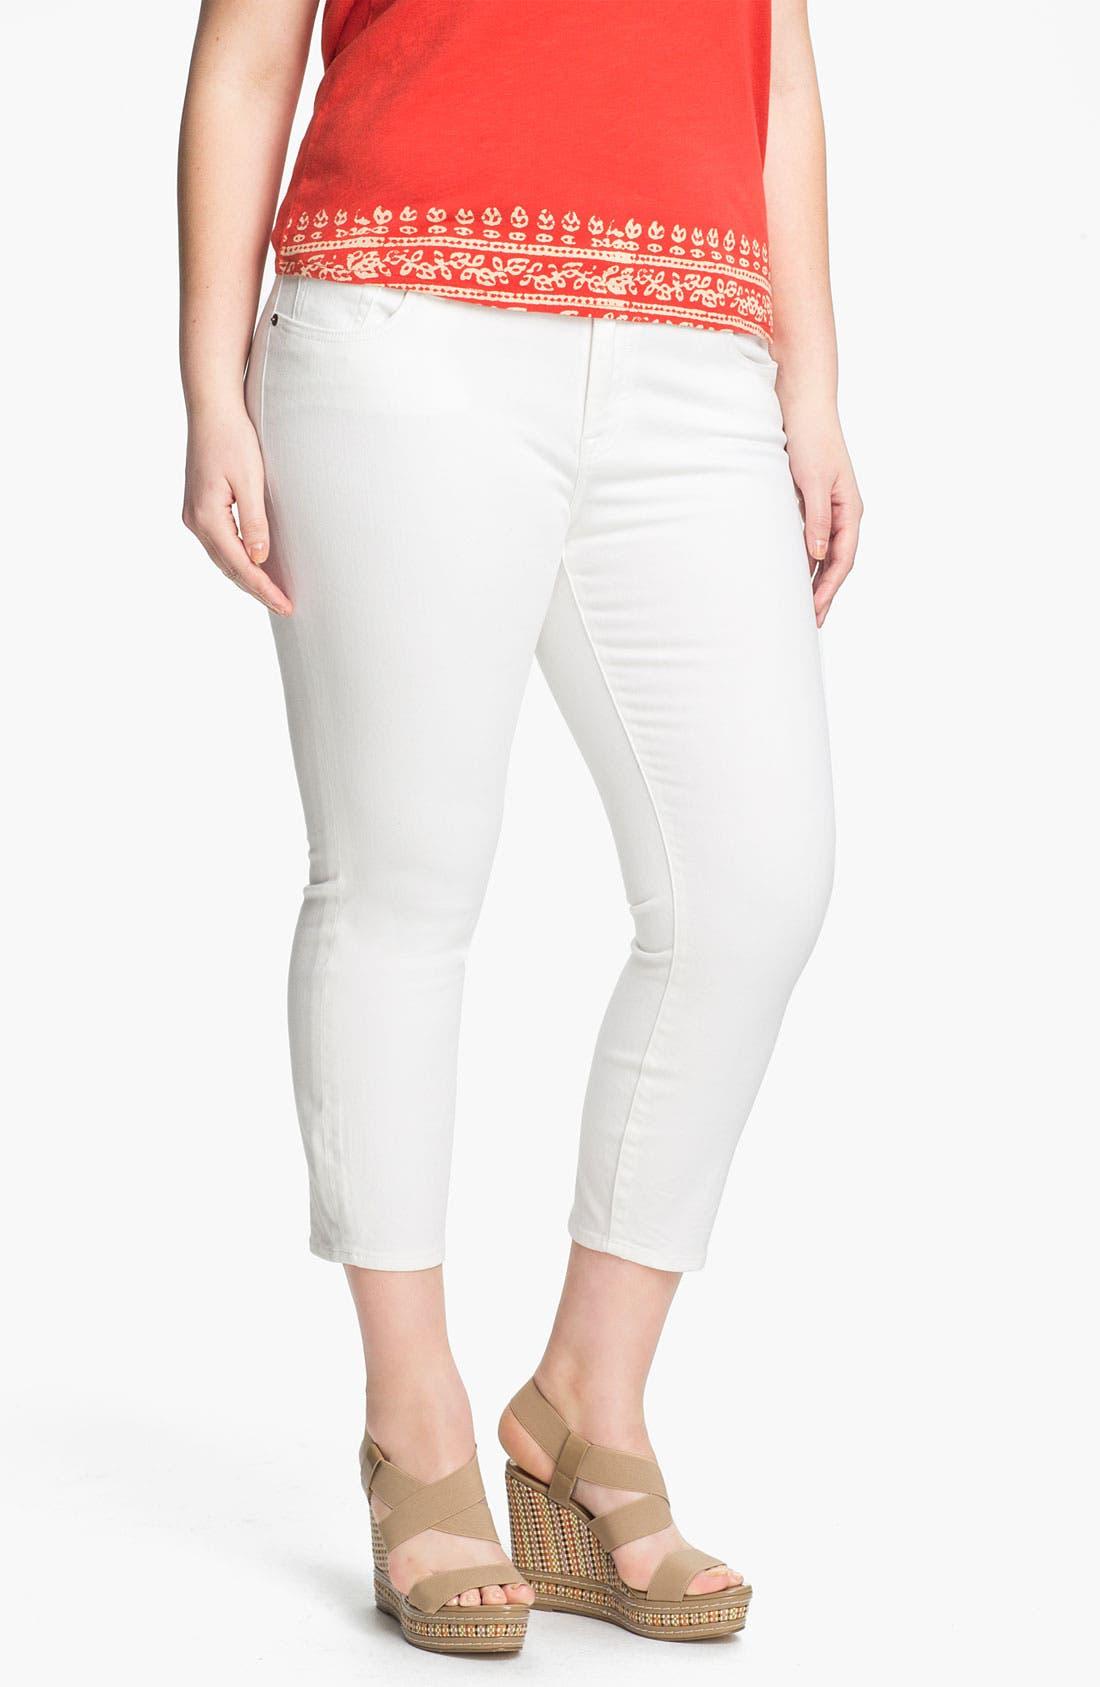 Alternate Image 1 Selected - Lucky Brand 'Ginger' Skinny Capri Jeans (Plus)